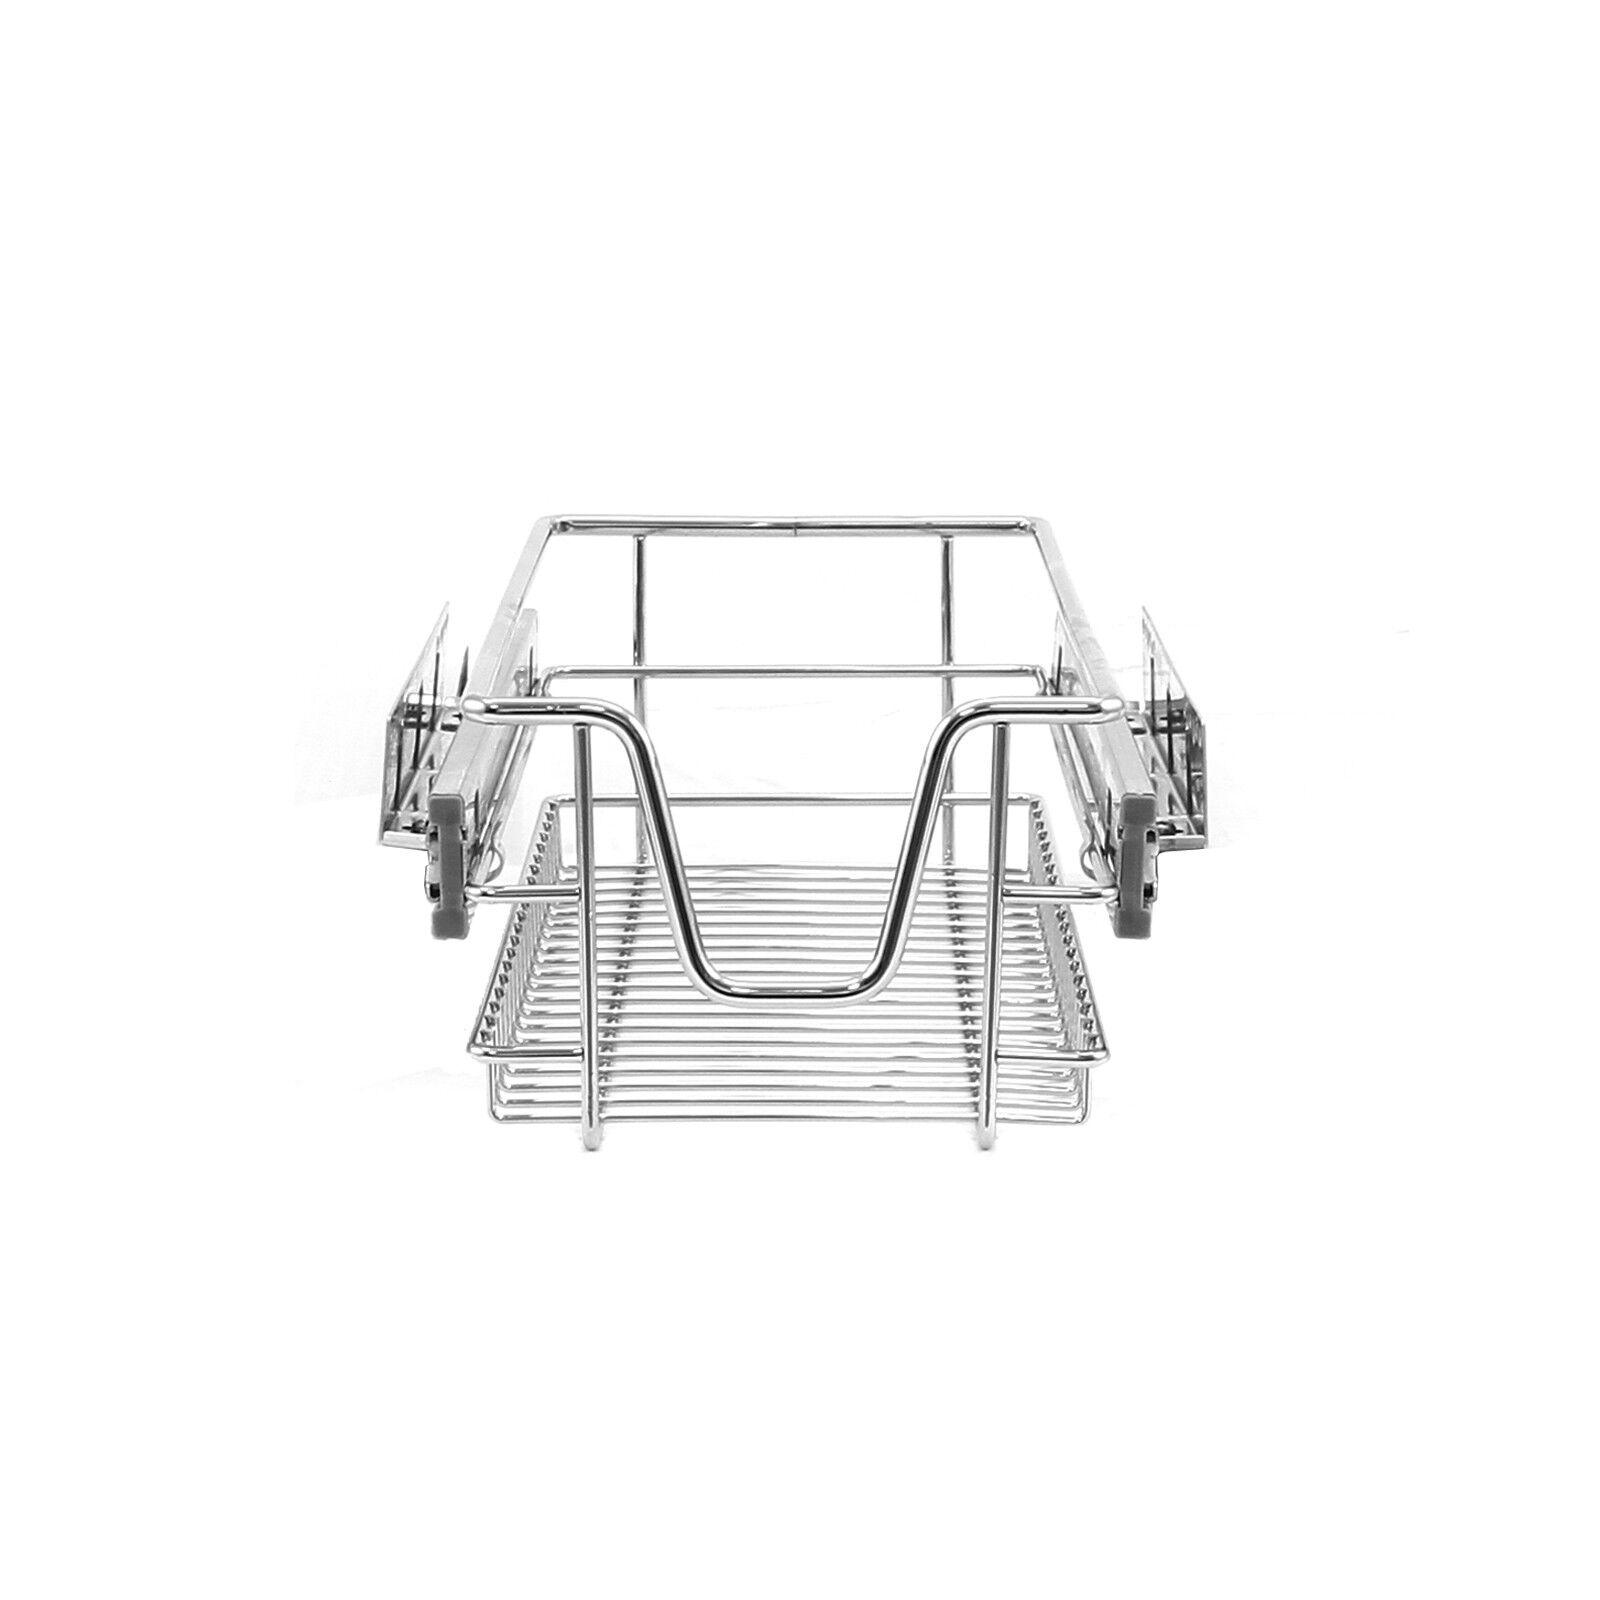 Cajon de Cocina Telescopico Extraíbles Muebles de 30cm Acero Inoxidable (4 Uds)